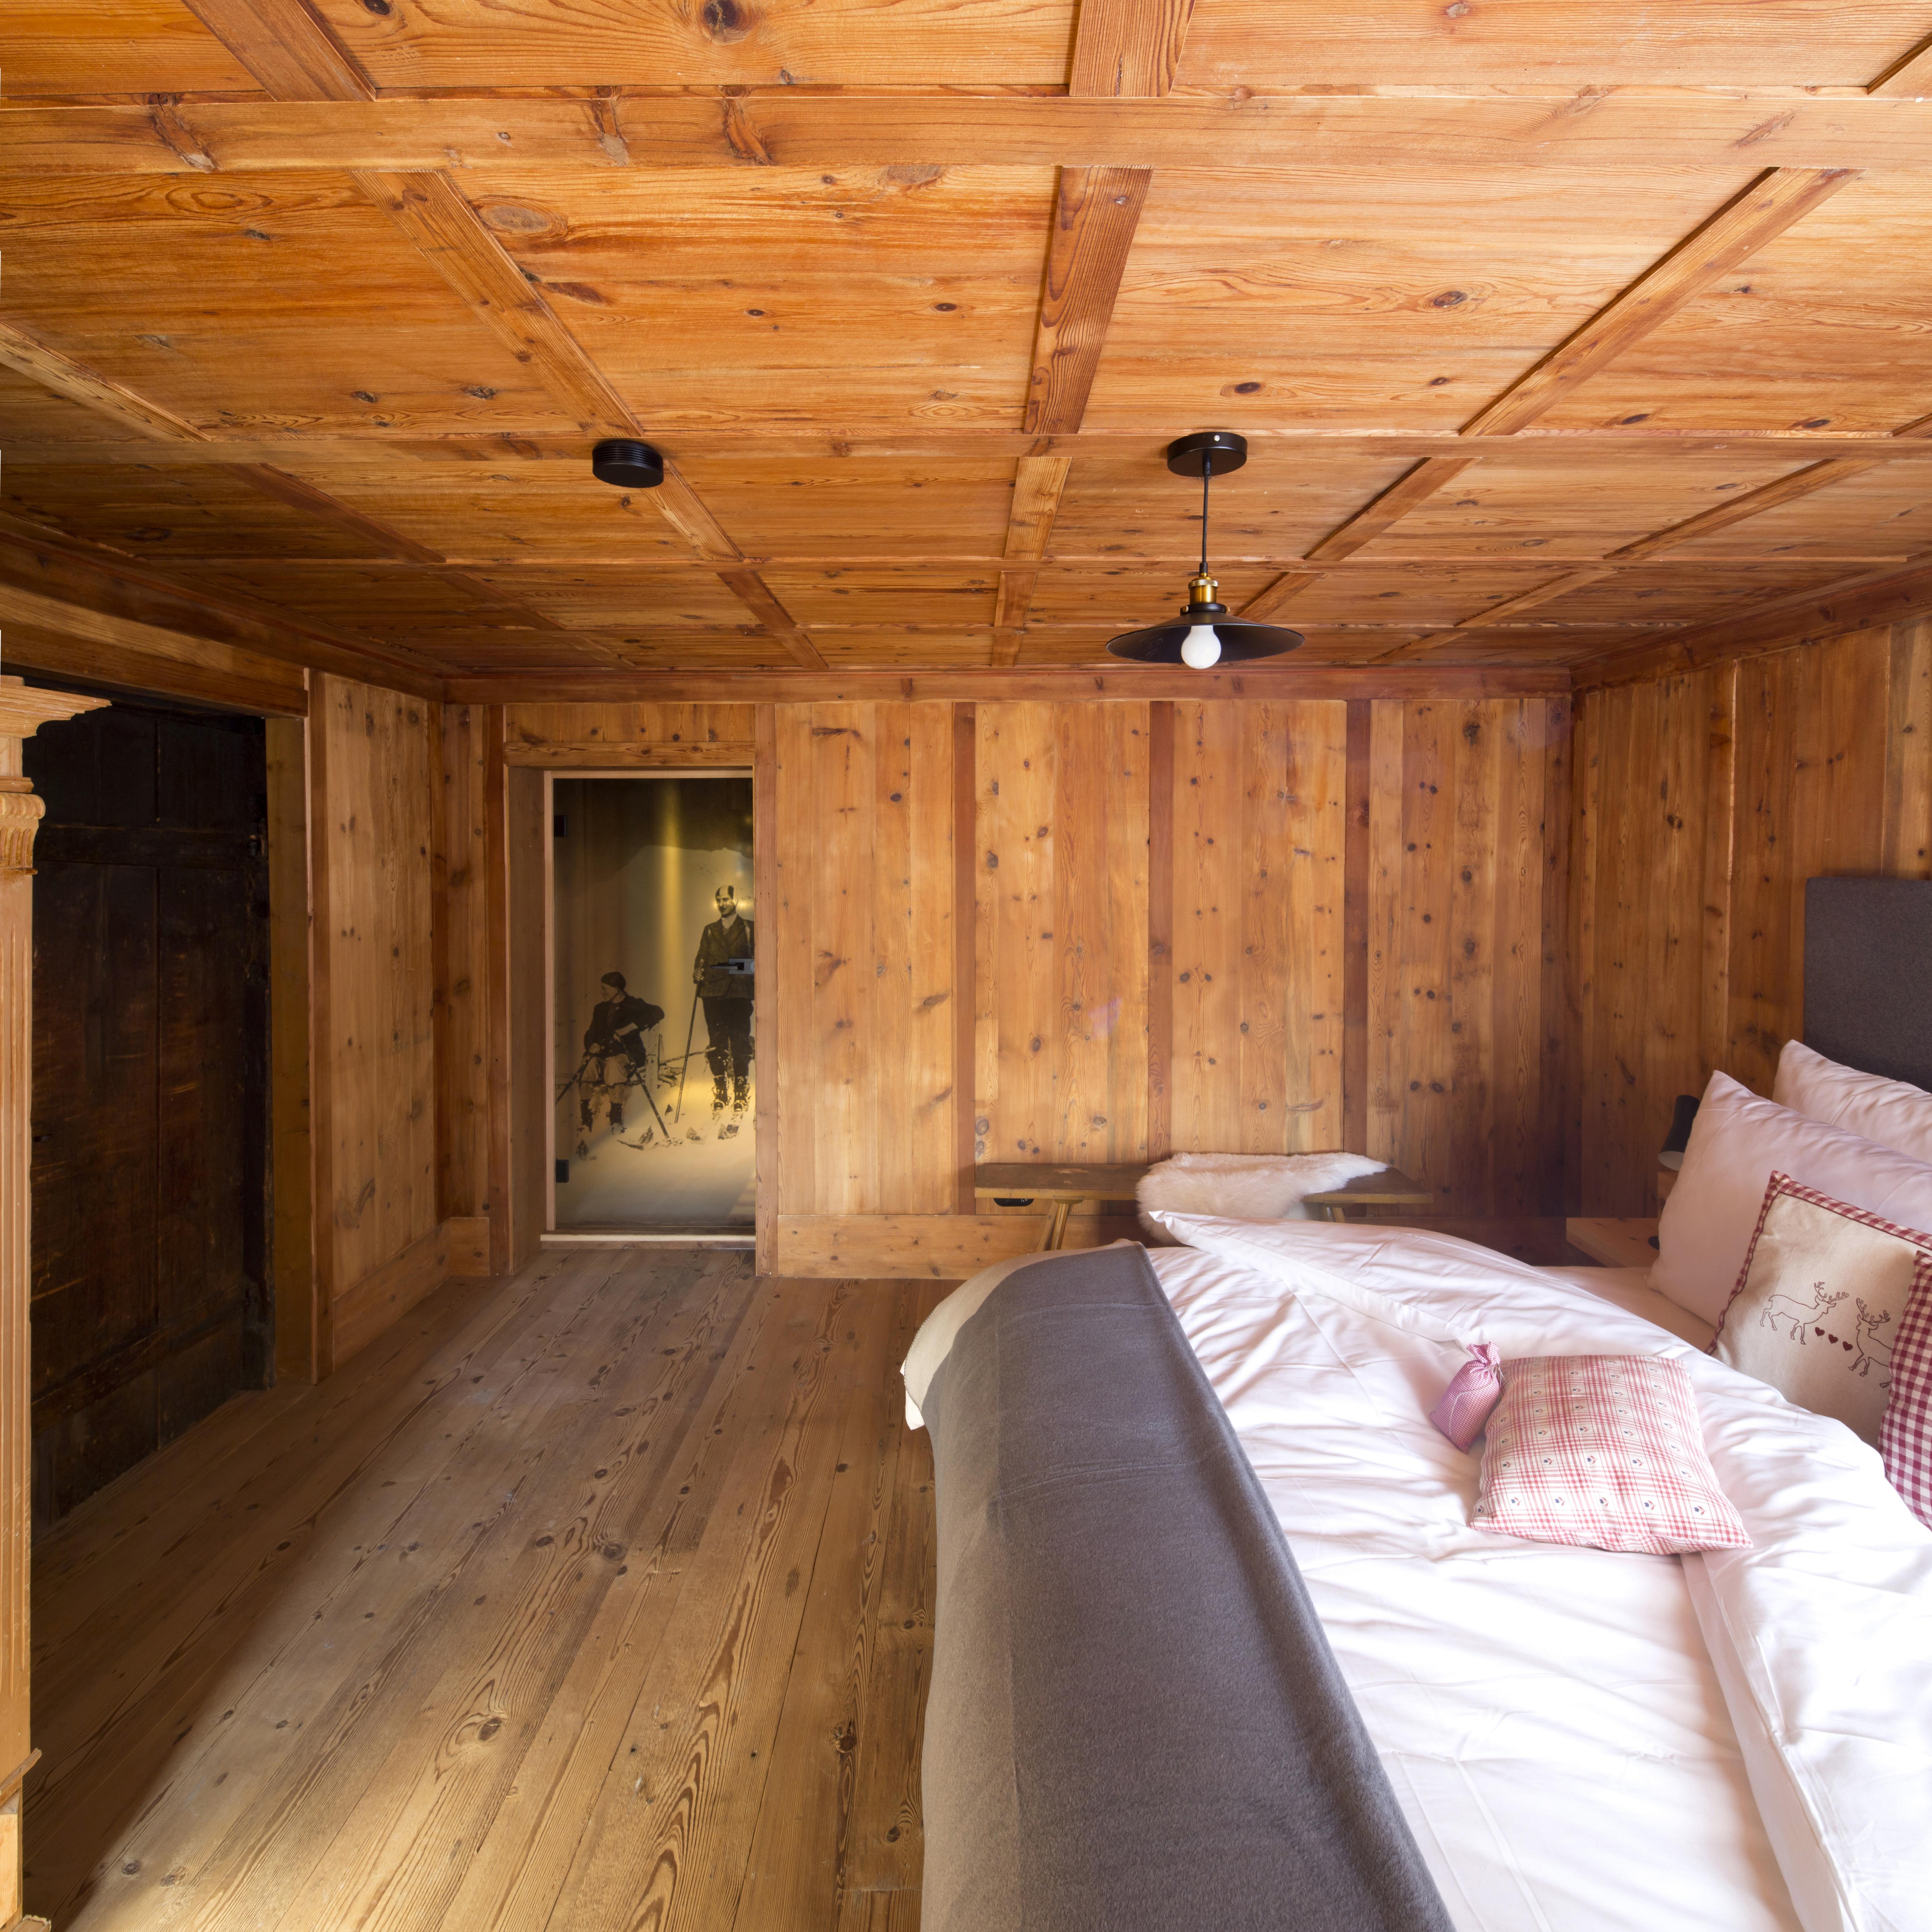 Omi's room (picture by BDA - Bettina Neubauer-Pregl)